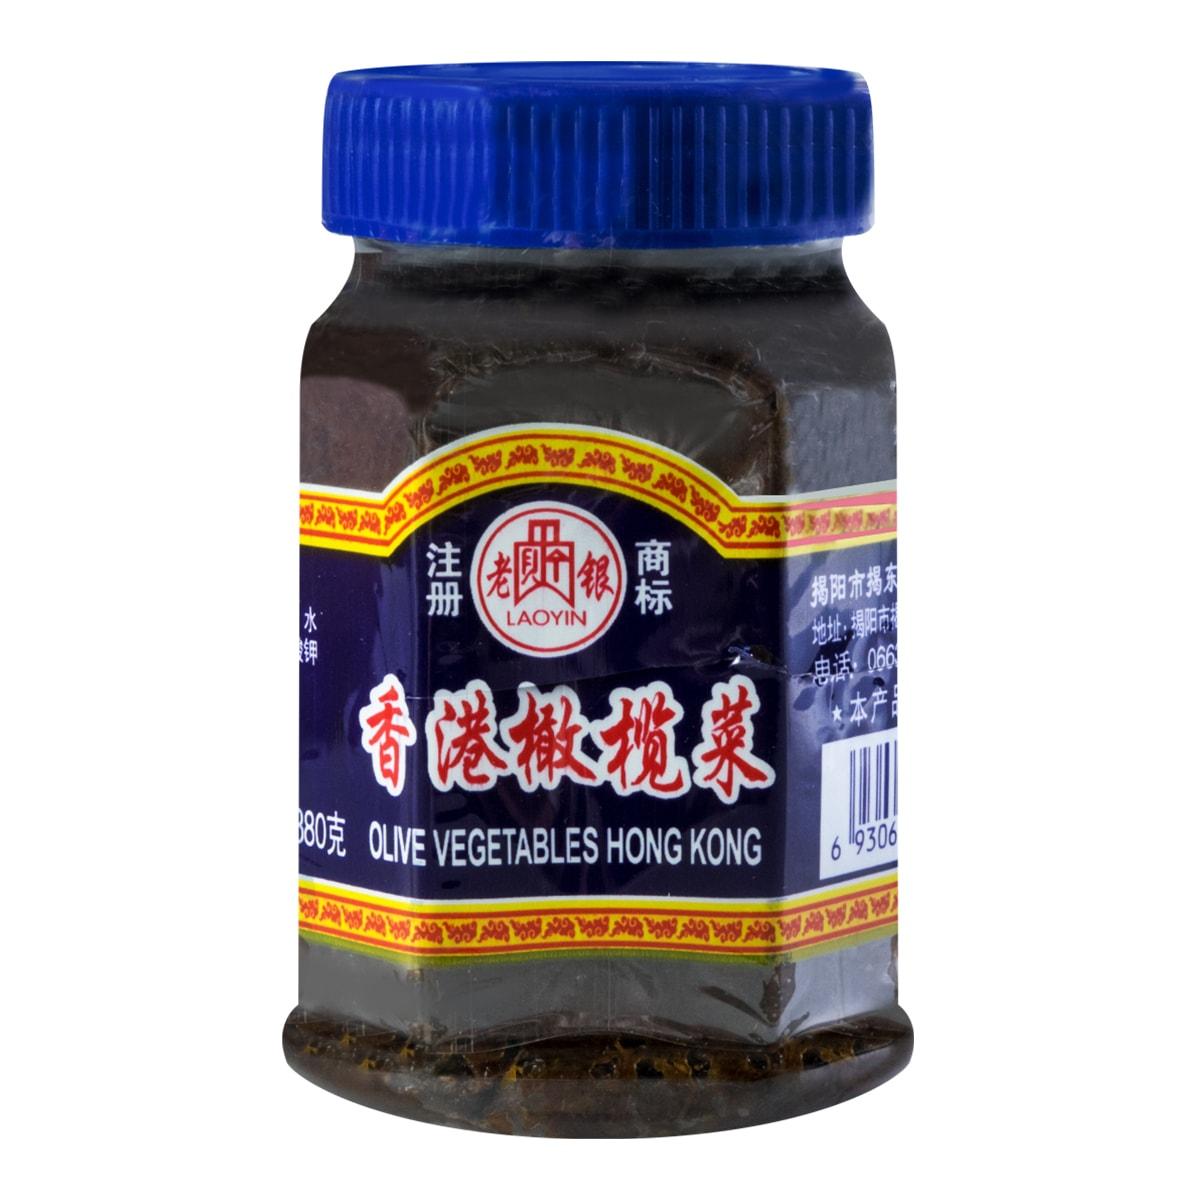 老银 香港橄榄菜  380g